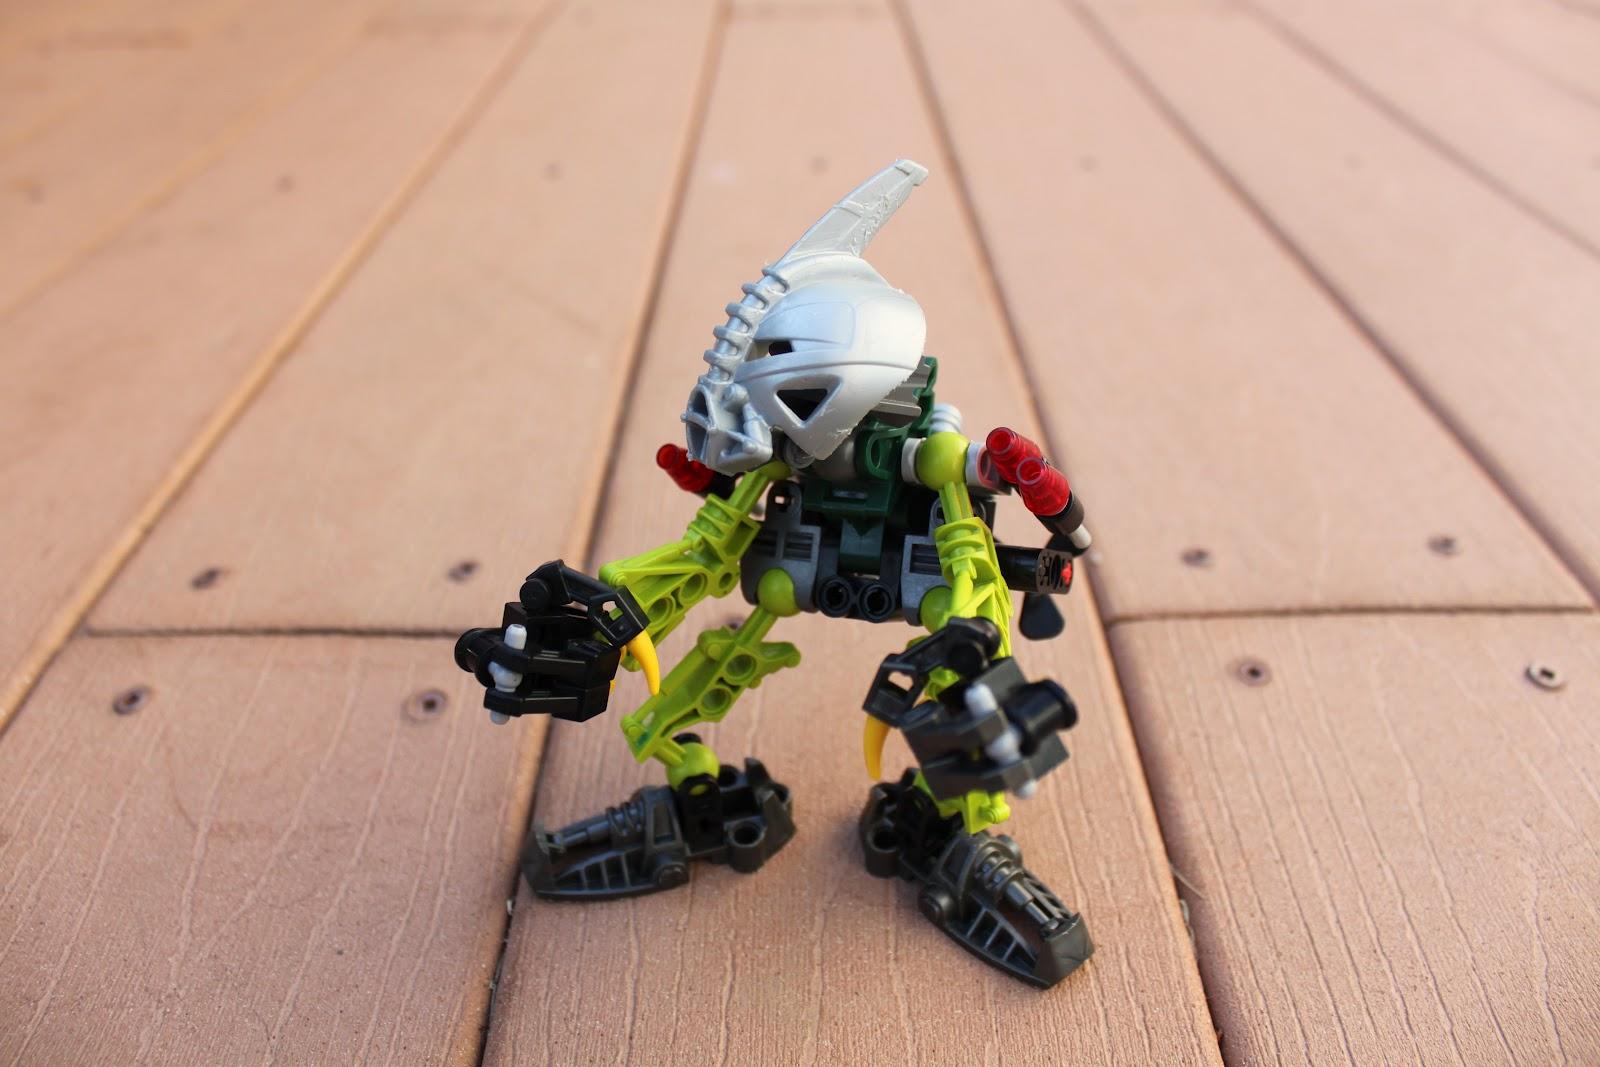 Epic Bionicle Mocs Me